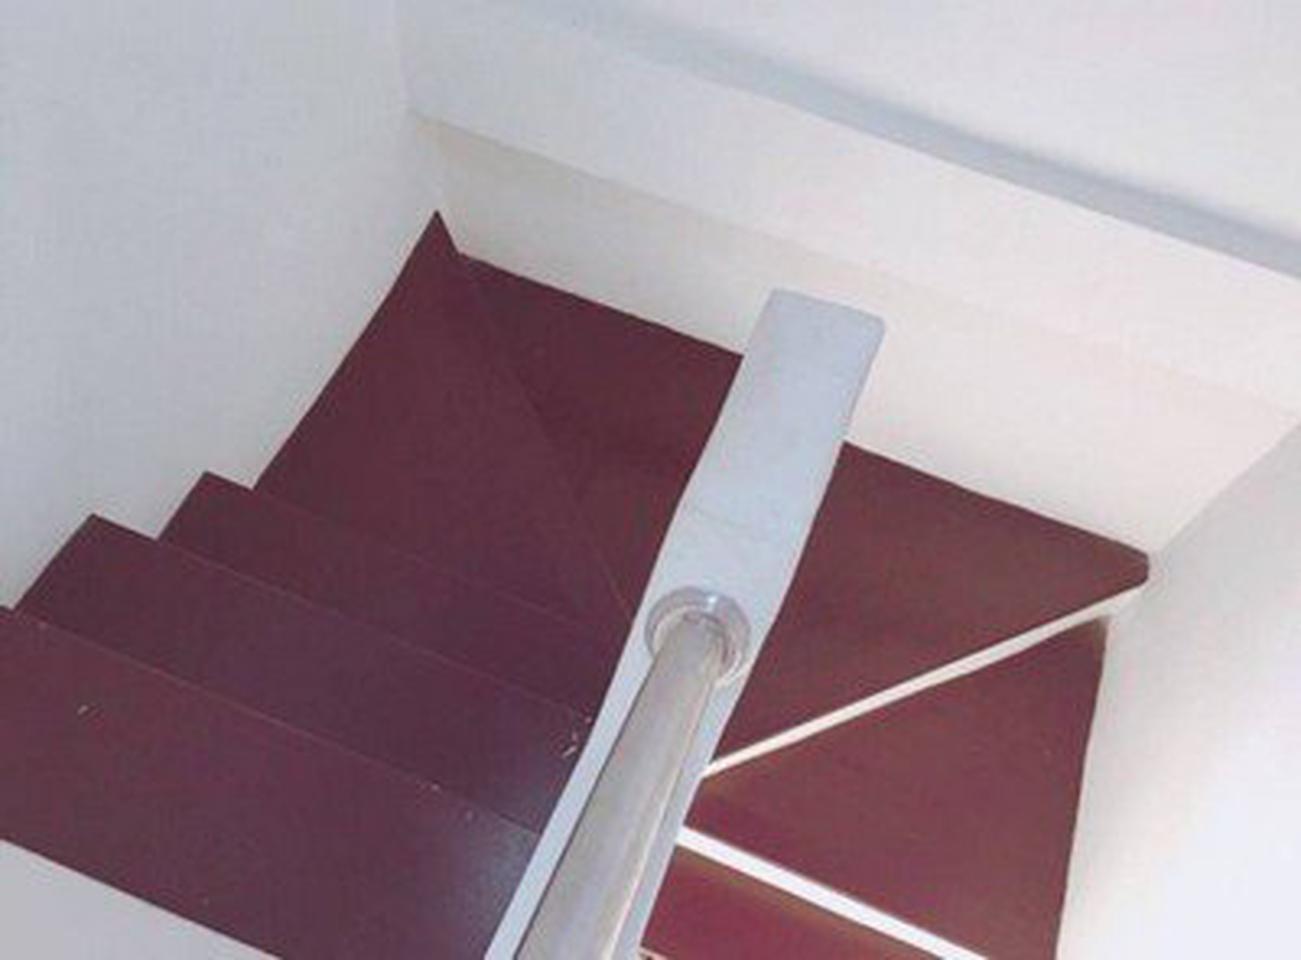 ขาย บ้านใหม่ 2 ชั้น หมู่บ้านสิวารัตน์ 9  รูปที่ 2